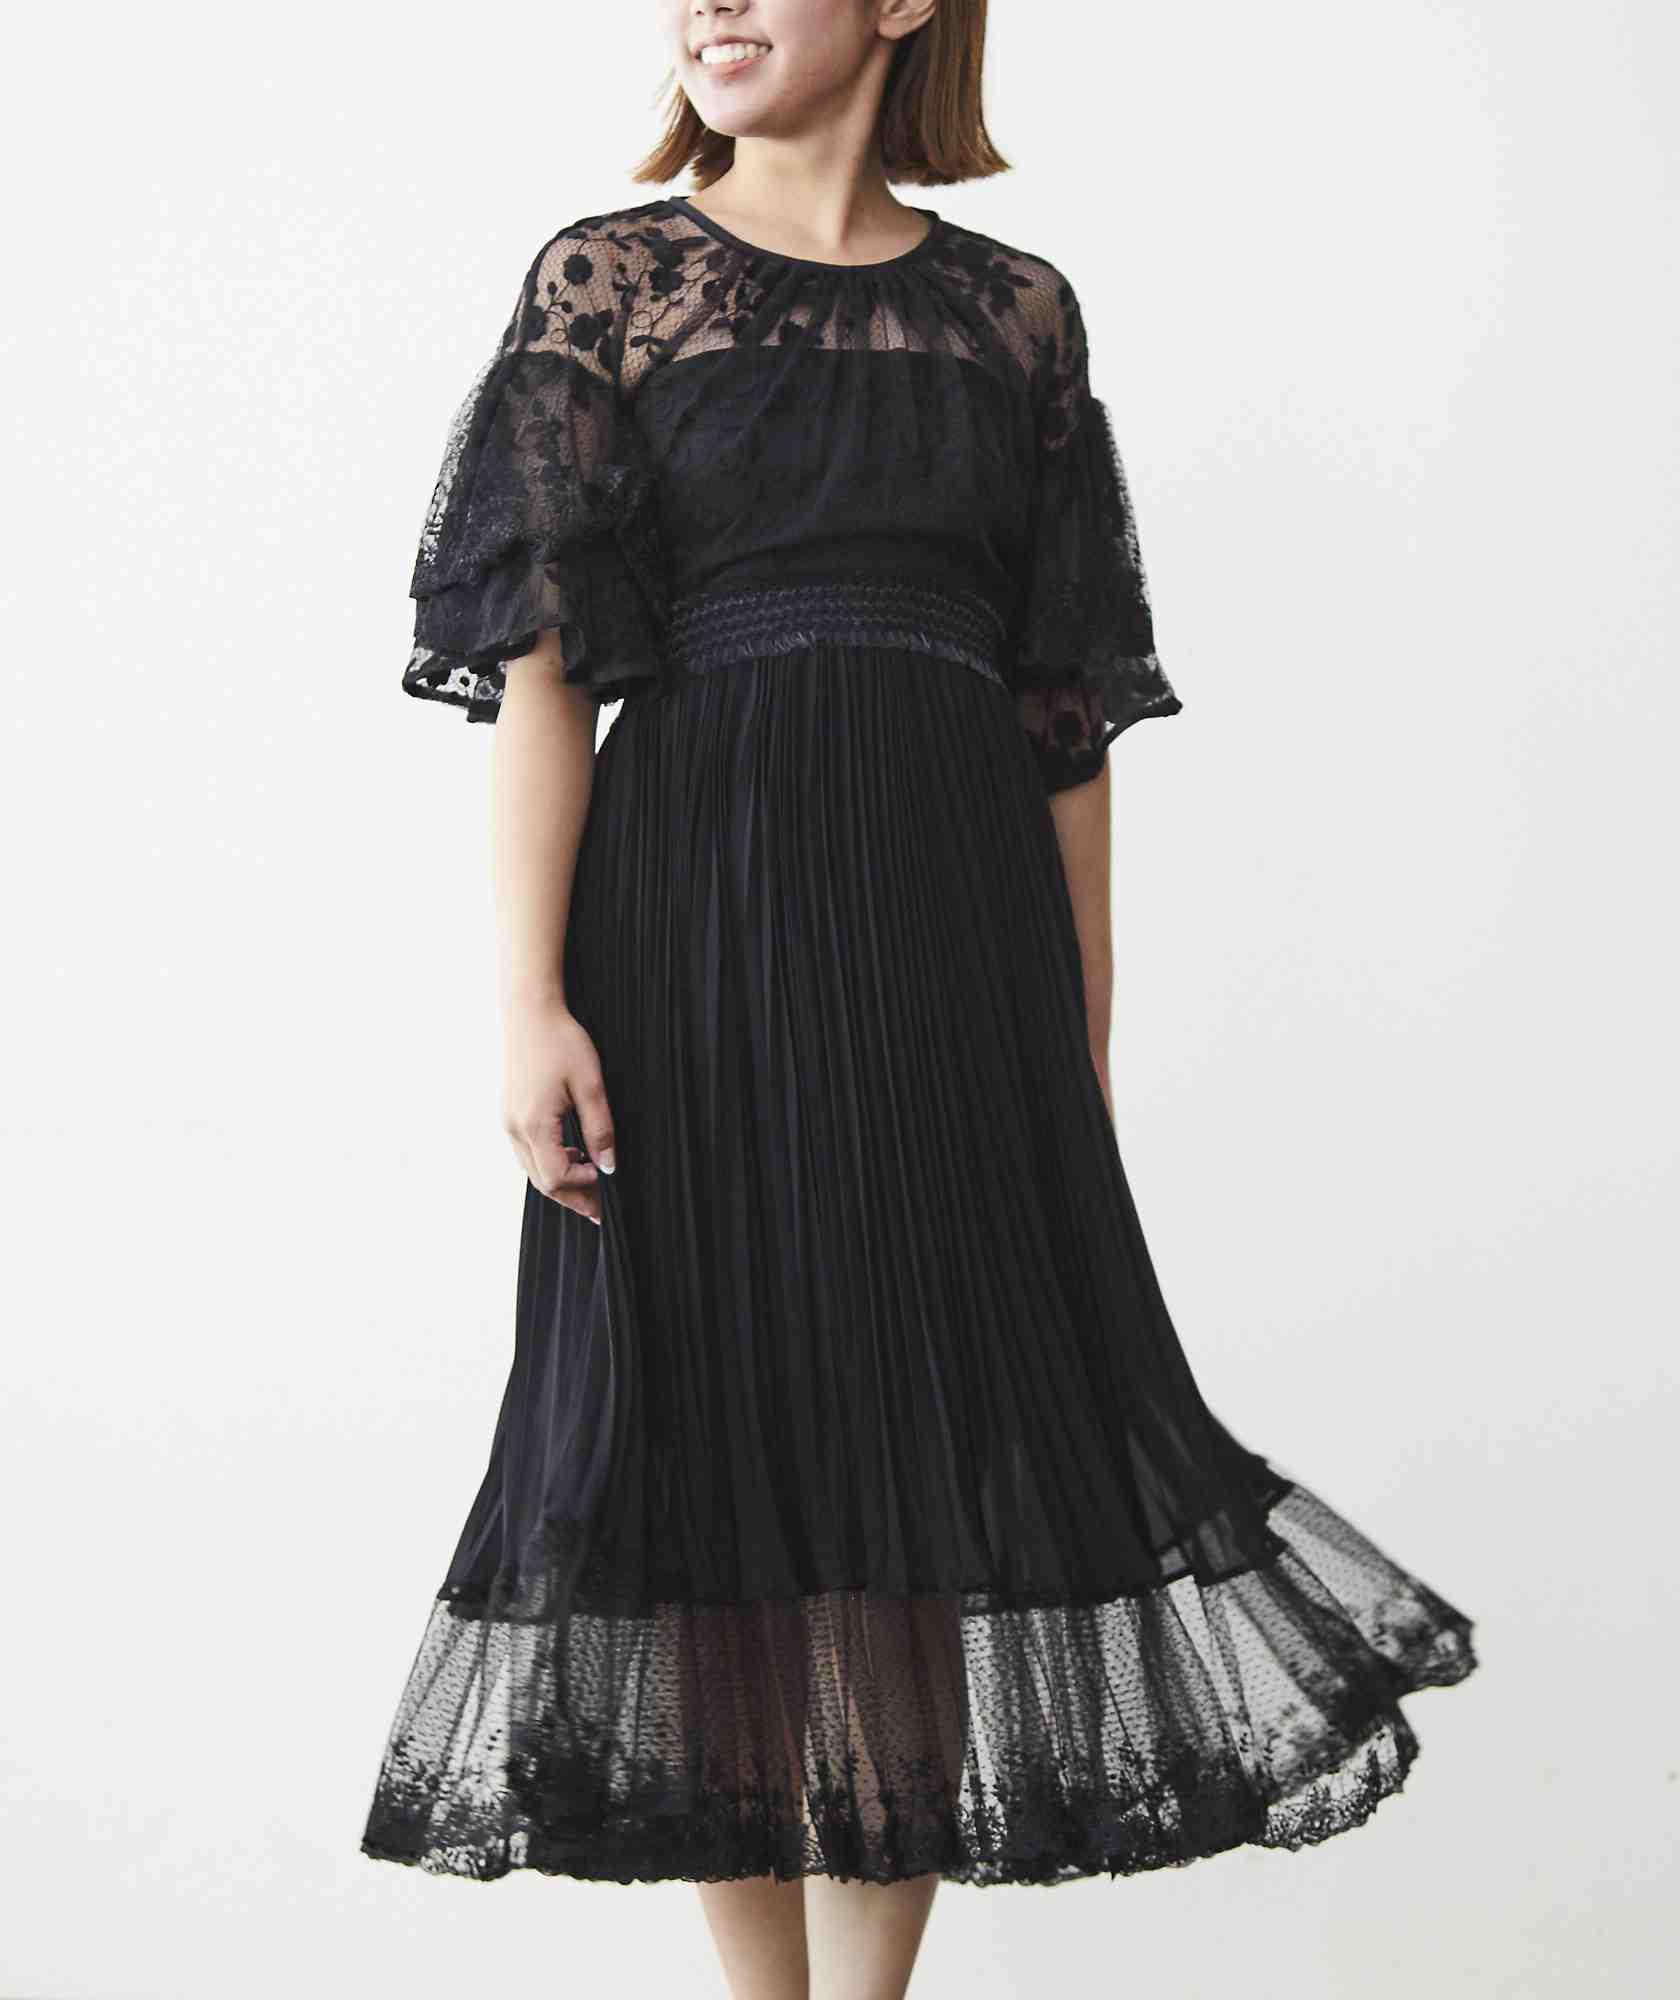 ボリューミースリーブレイヤードミディアムドレス-ブラック-M-L